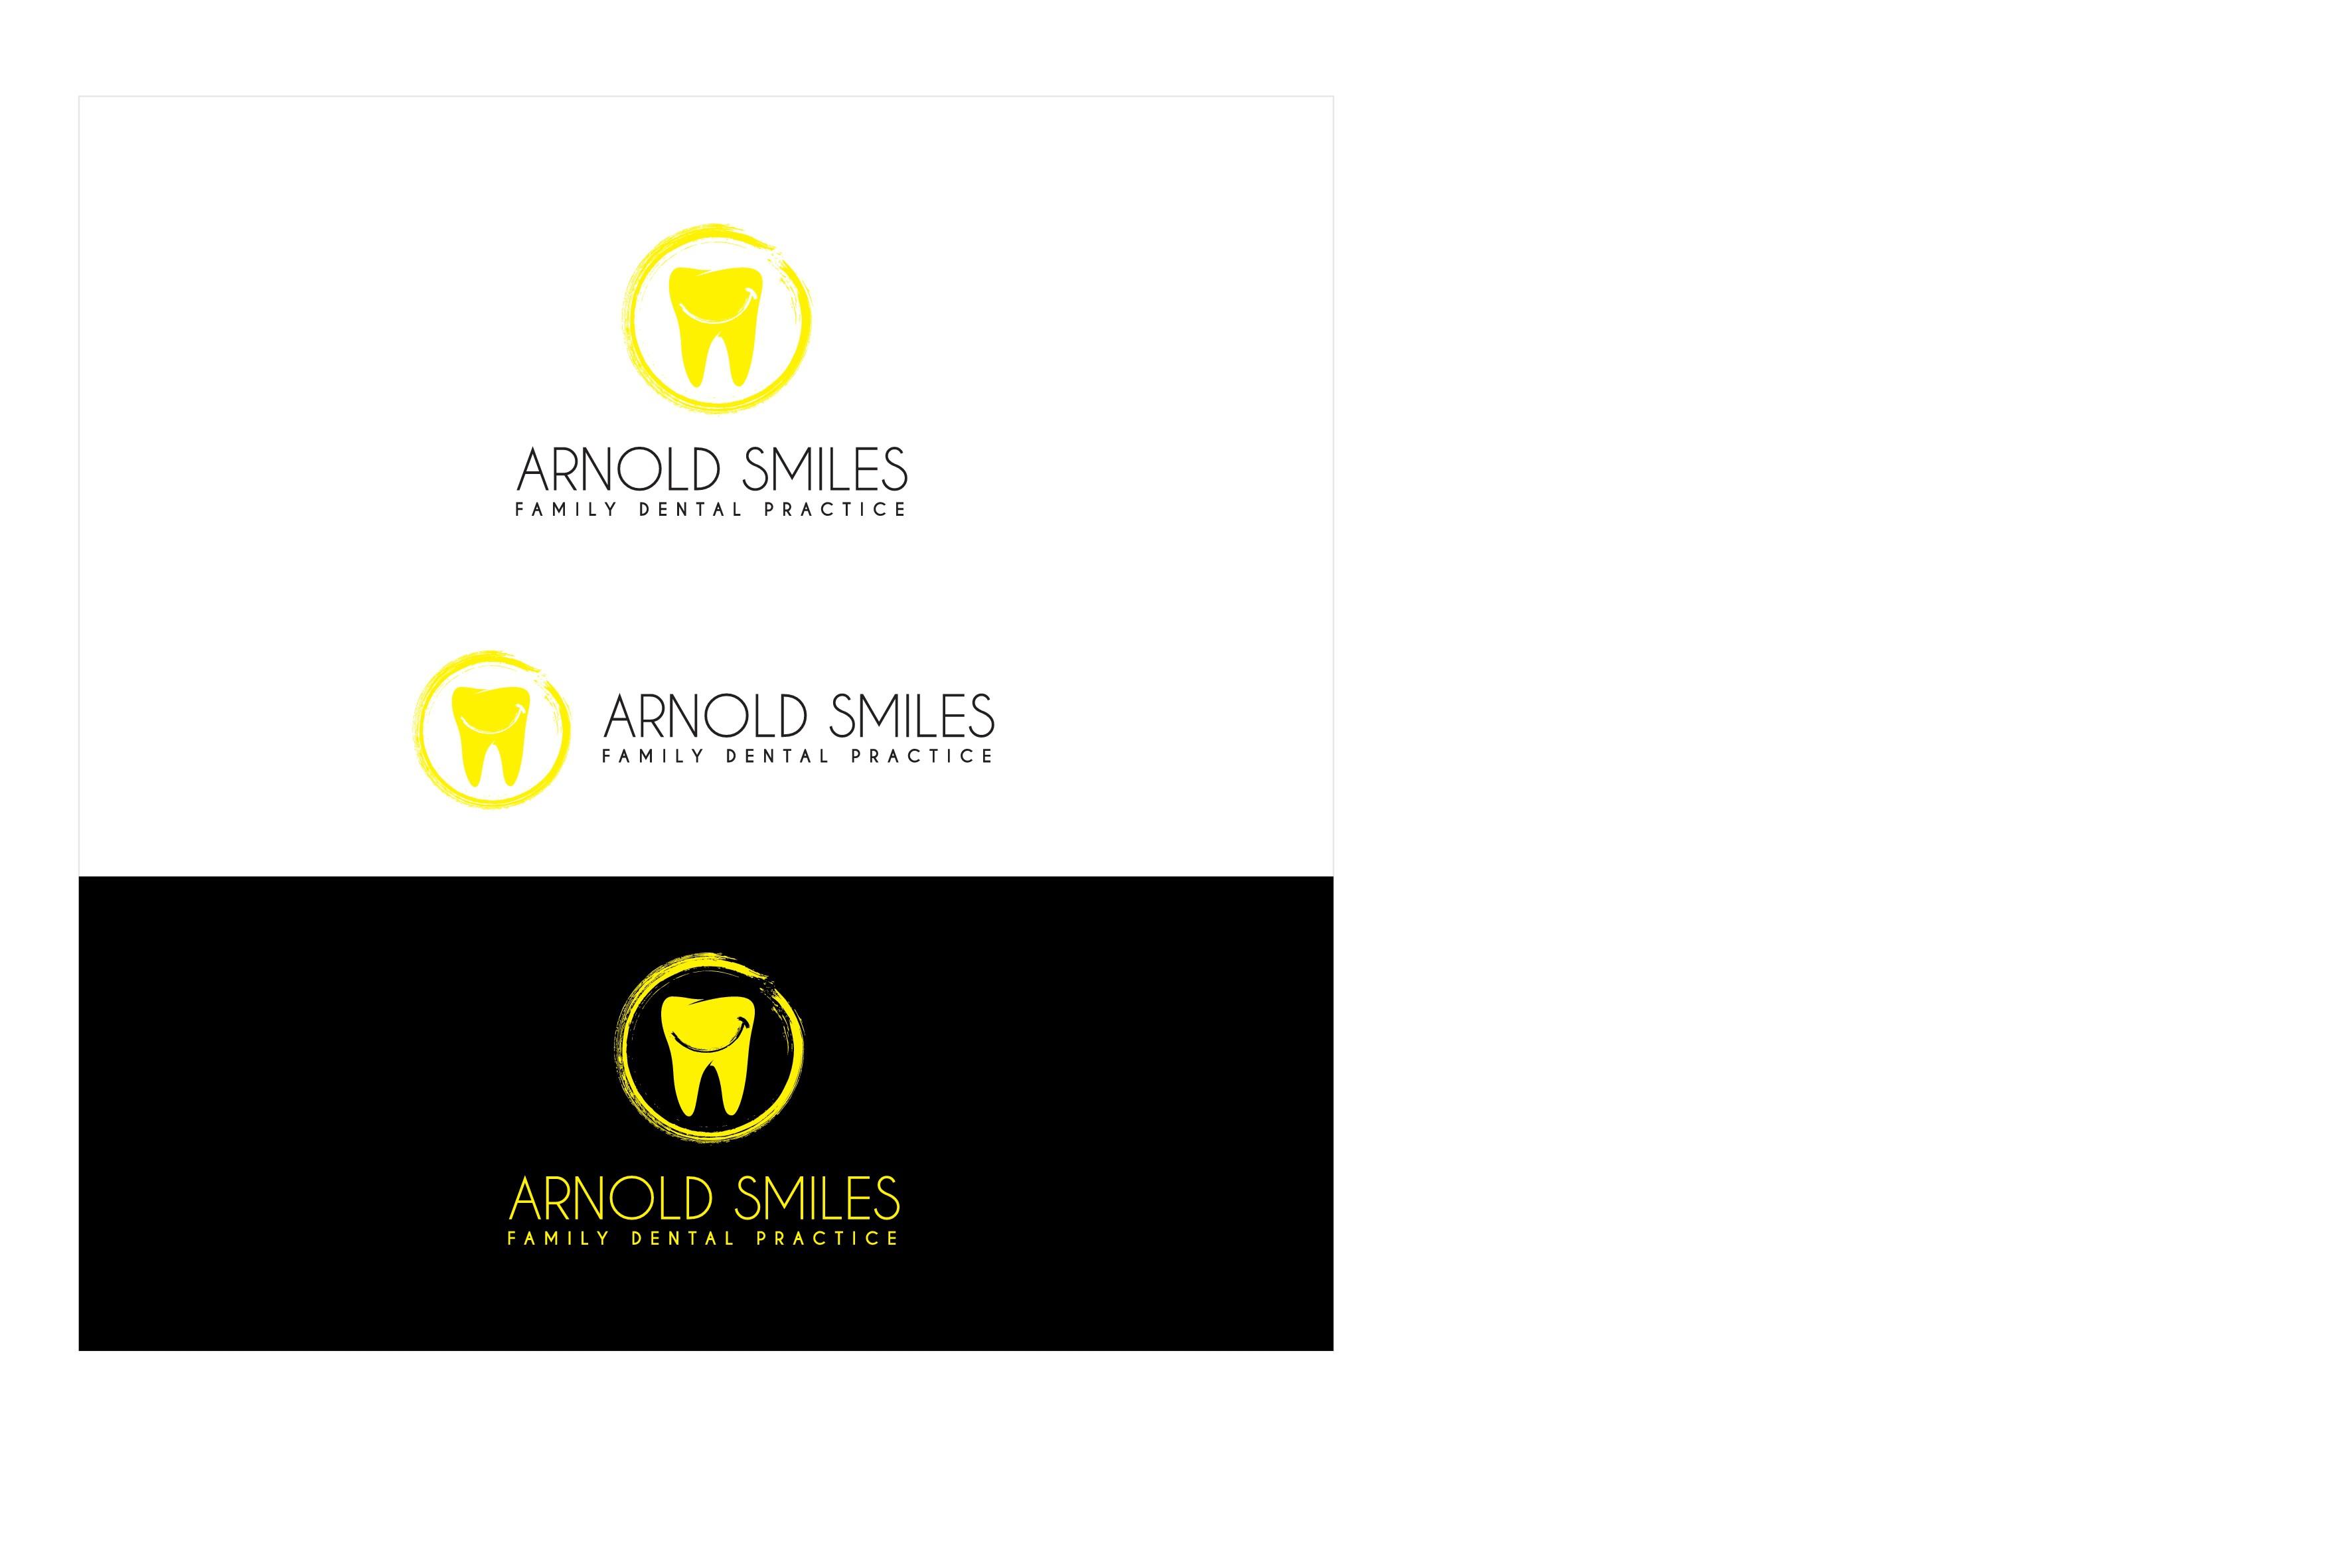 Arnold Smiles